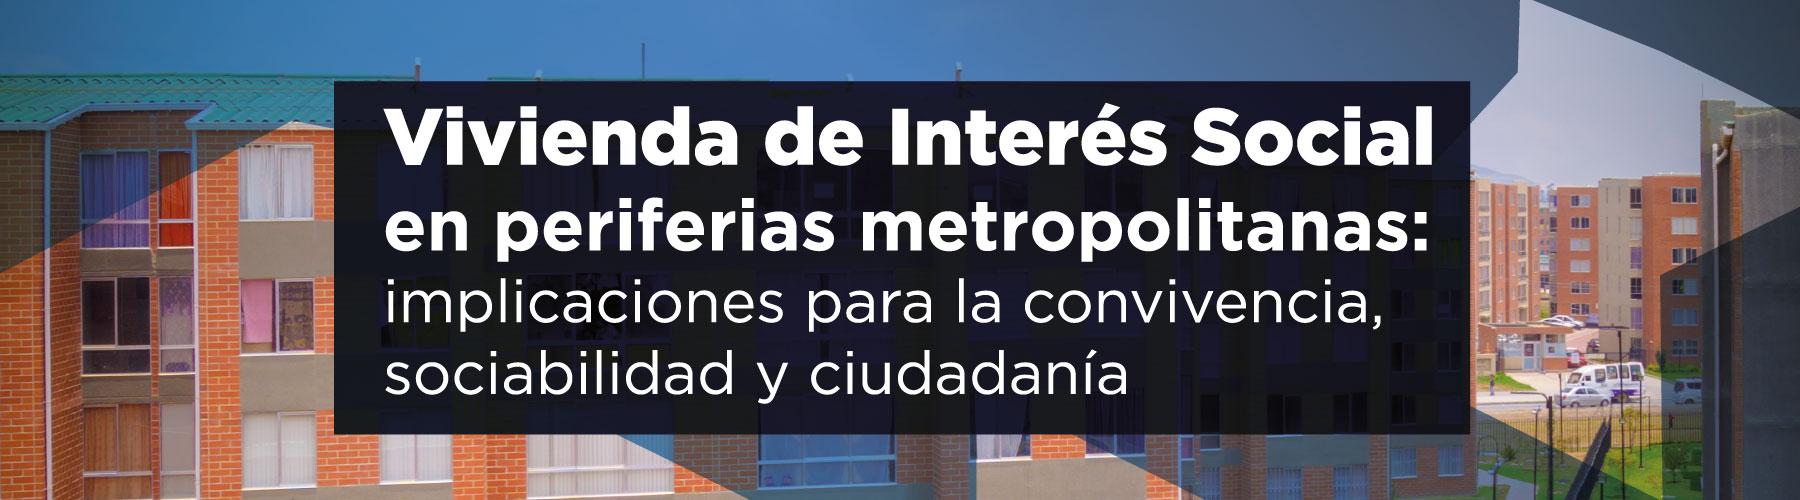 Vivienda de Interés Social en periferias metropolitanas: implicaciones para la convivencia, sociabilidad y ciudadanía Cider | Uniandes